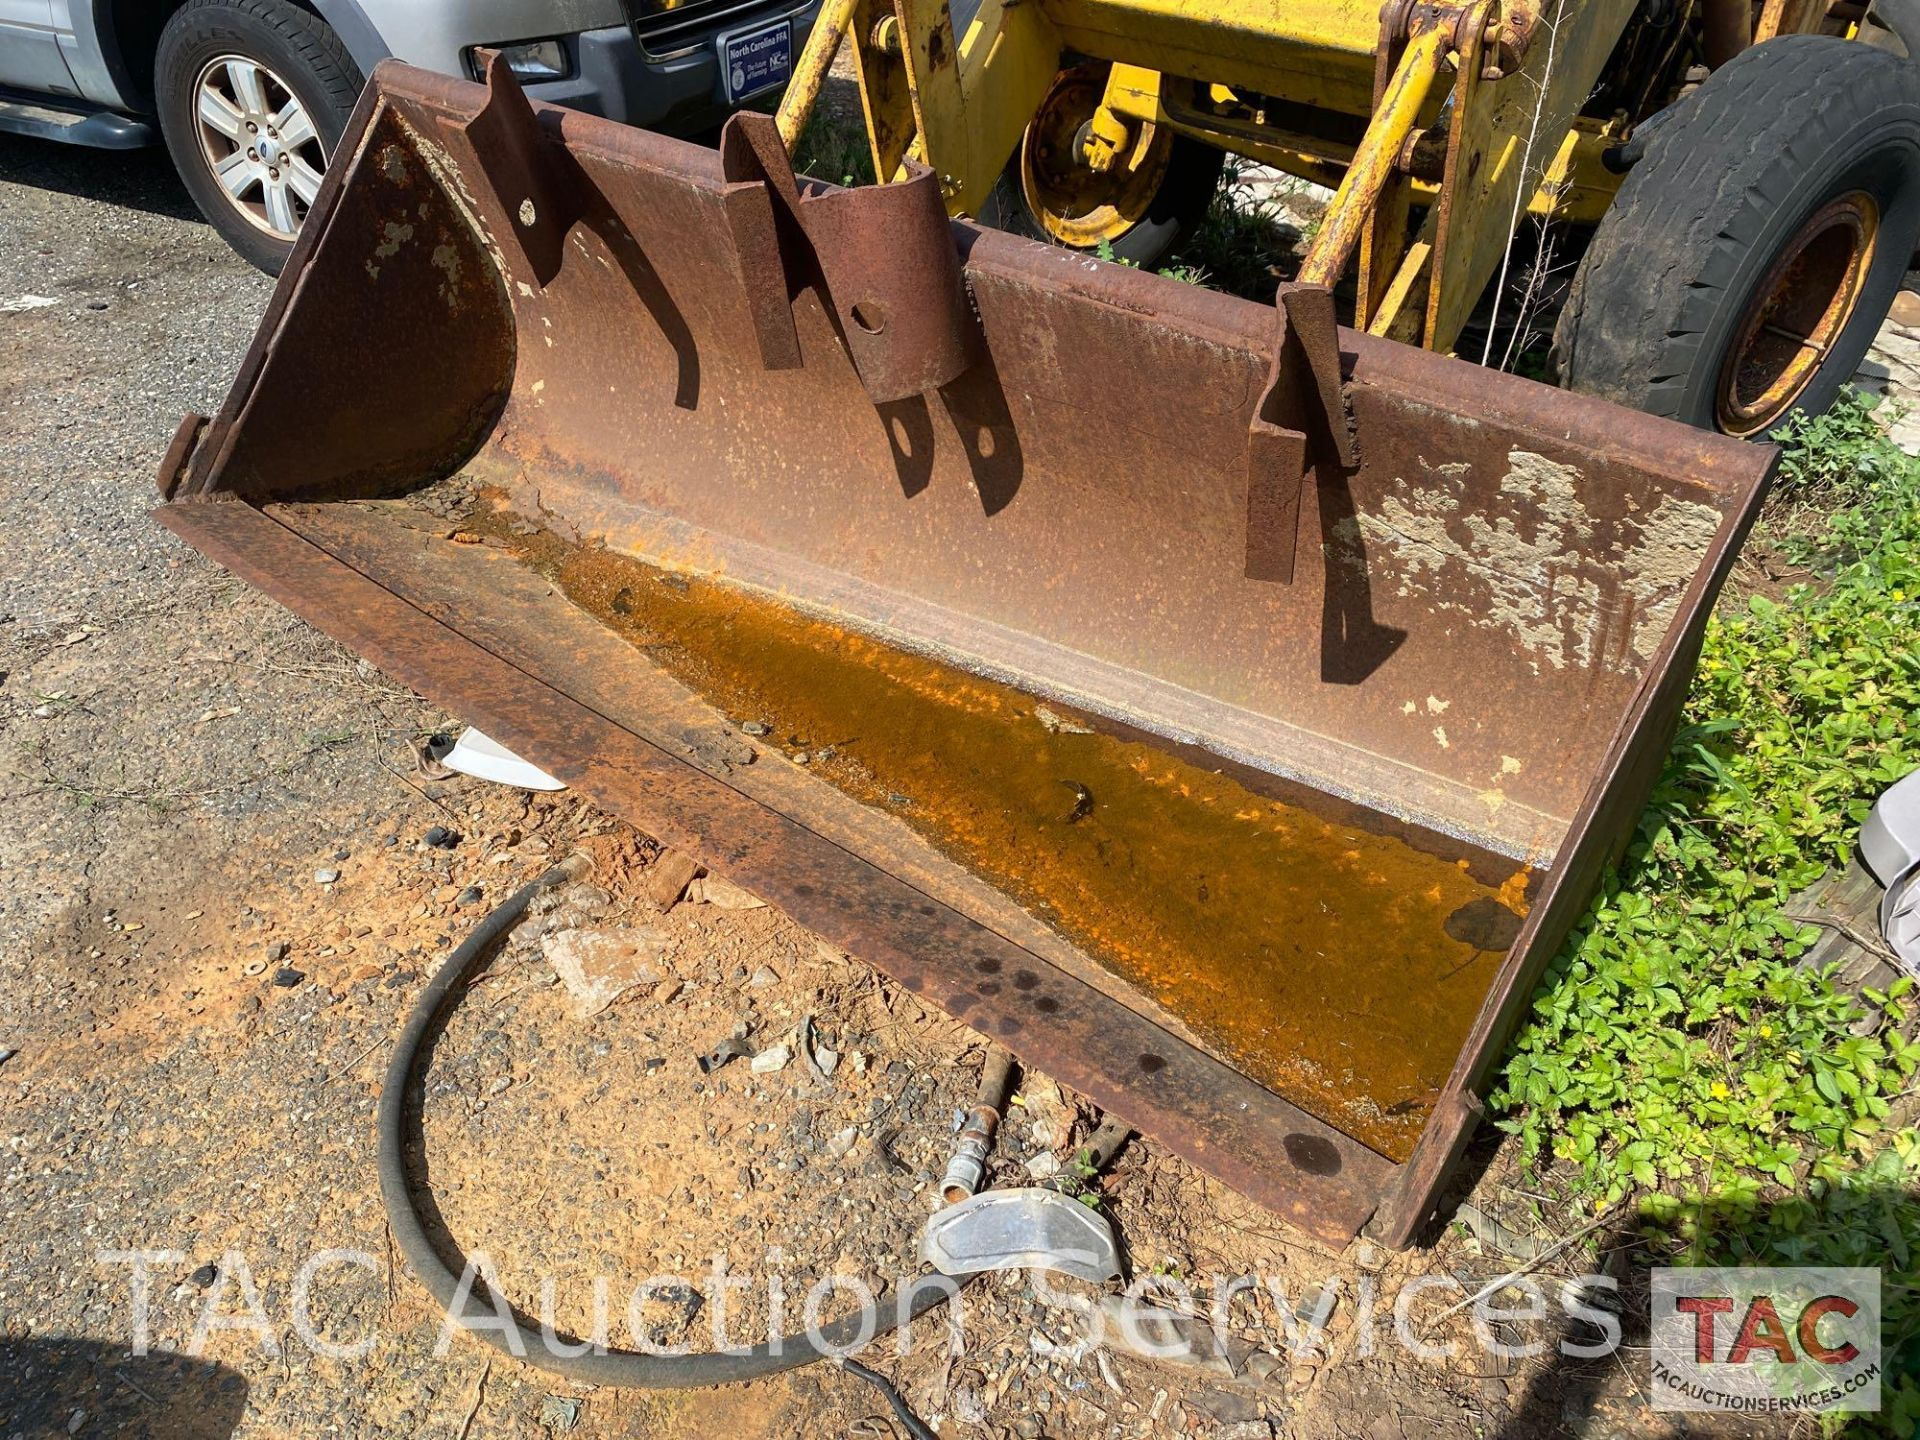 Massey Ferguson 50C Loader Backhoe - Image 12 of 45